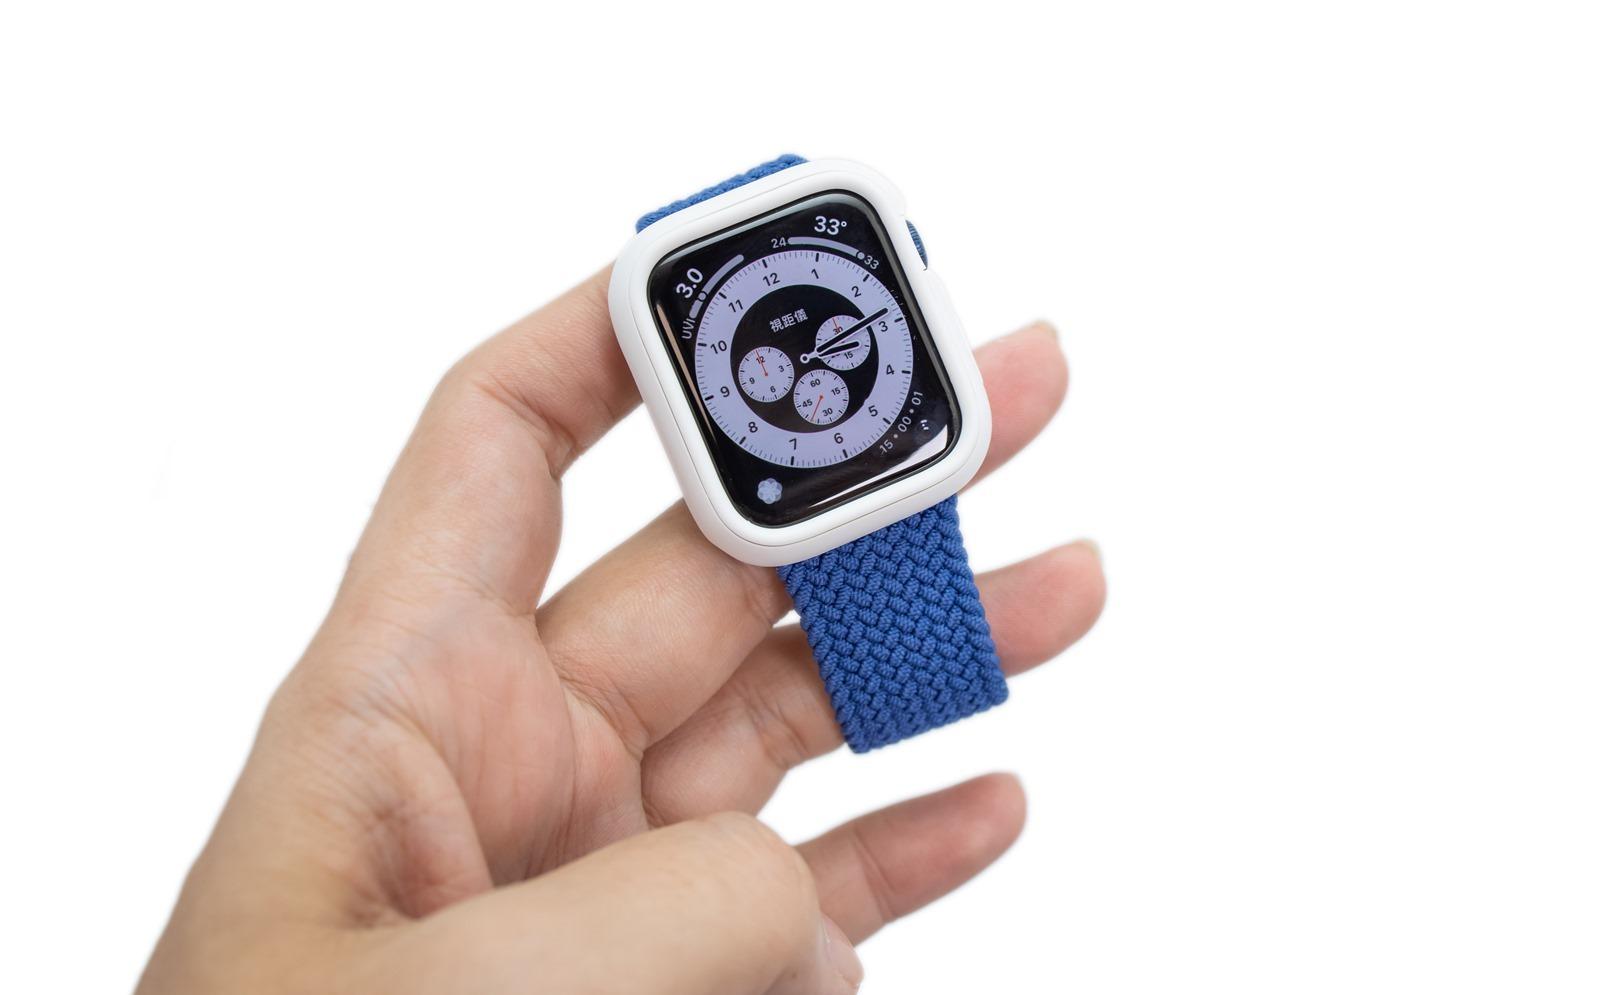 給 Apple Watch 強大保護也多點個性化!犀牛盾 Apple Watch 保護殼 CrashGuard NX 入手分享(S6 款式)@3C 達人廖阿輝